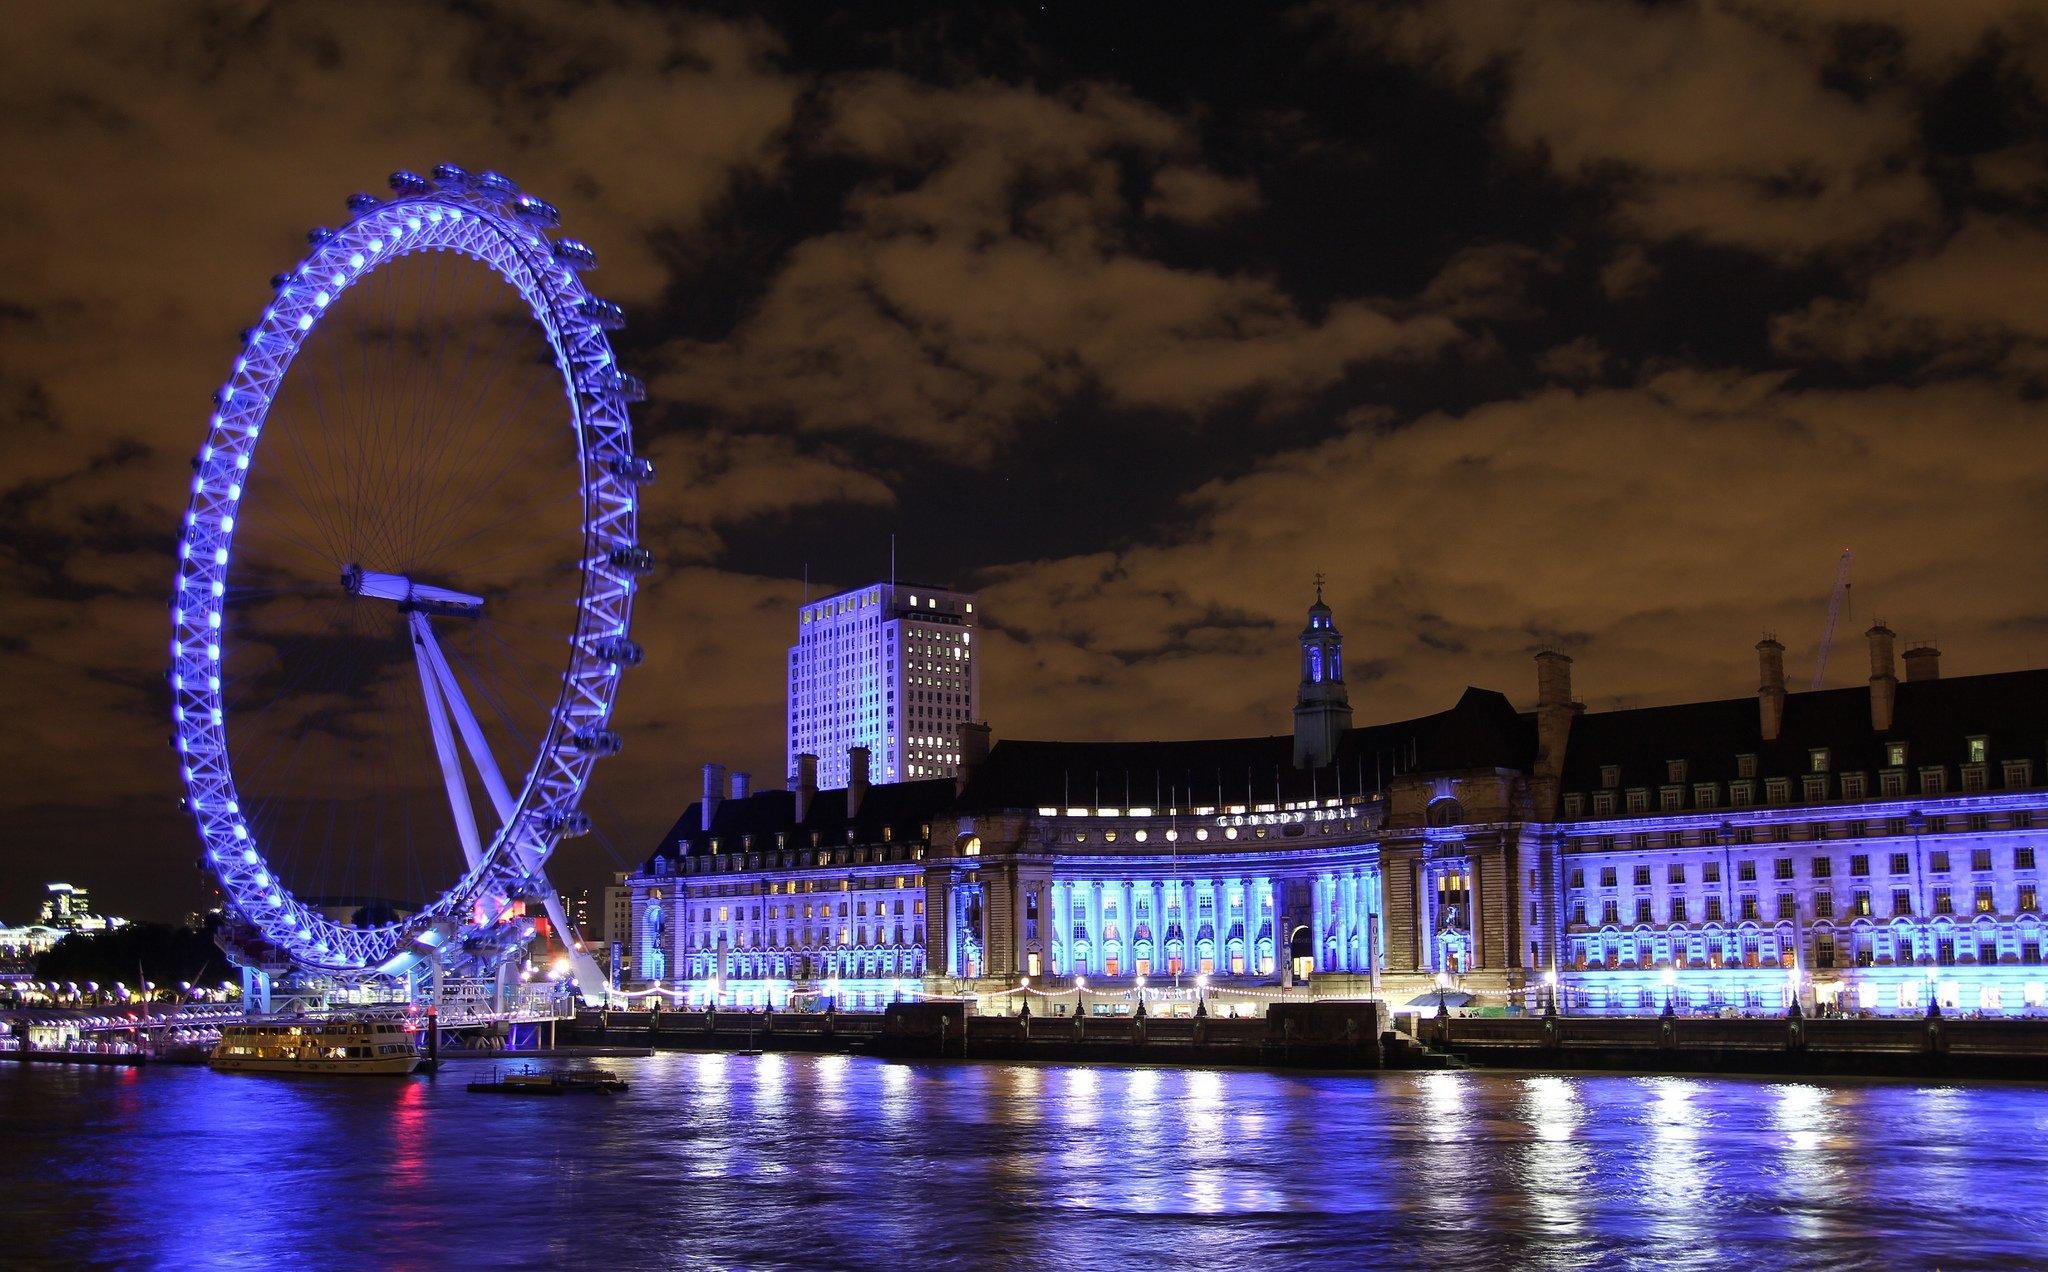 Лондонский глаз в ночное время суток